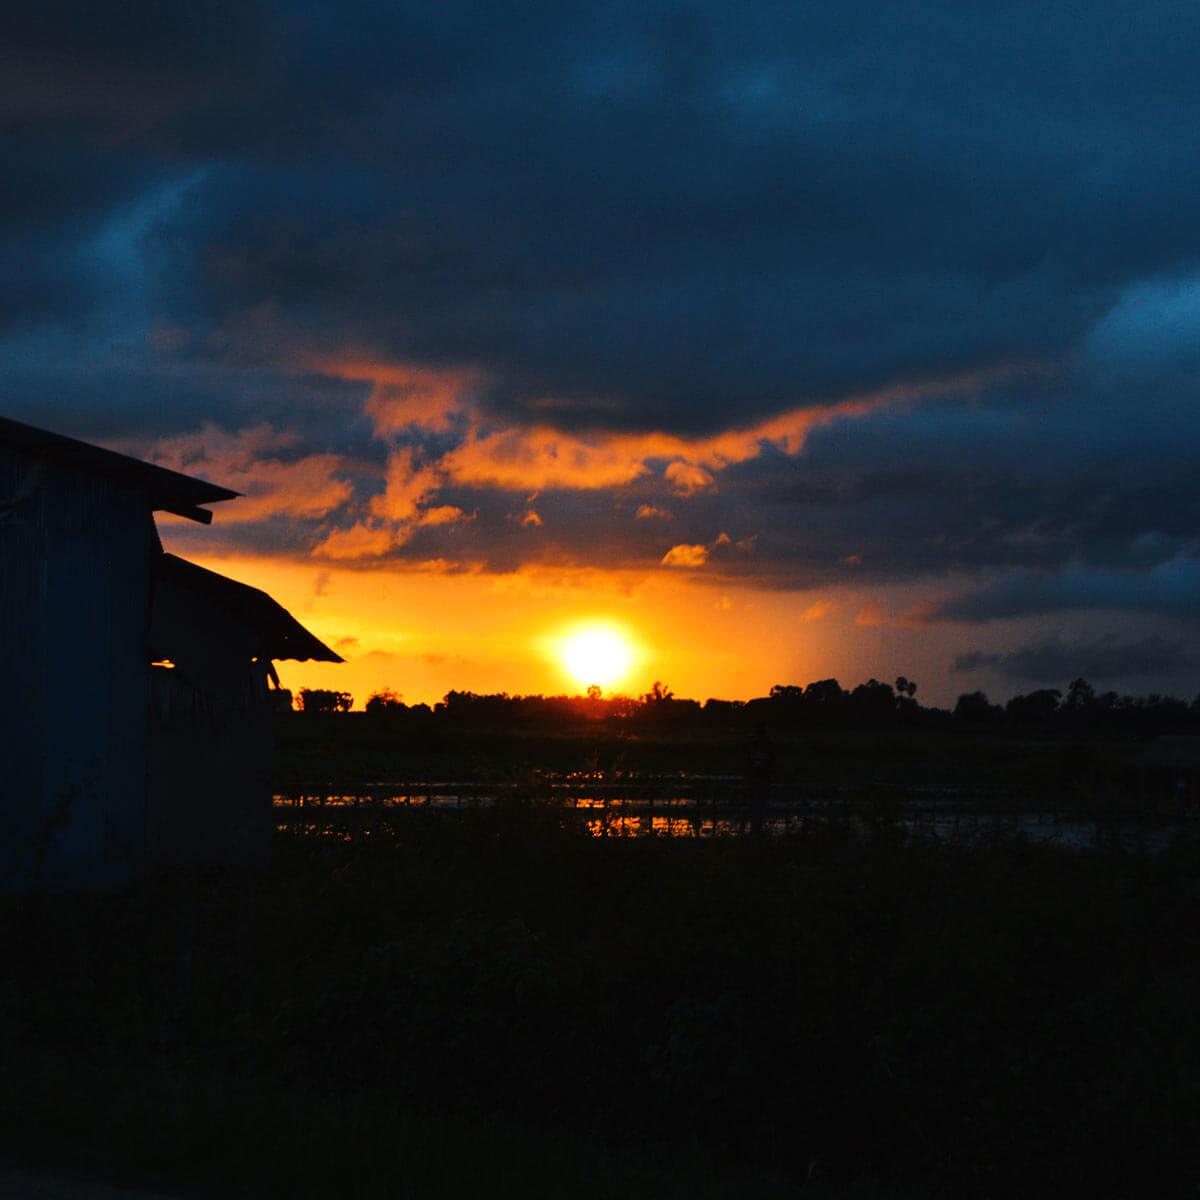 Sonnenuntergang im Angkor Park – 34 Hotspots!